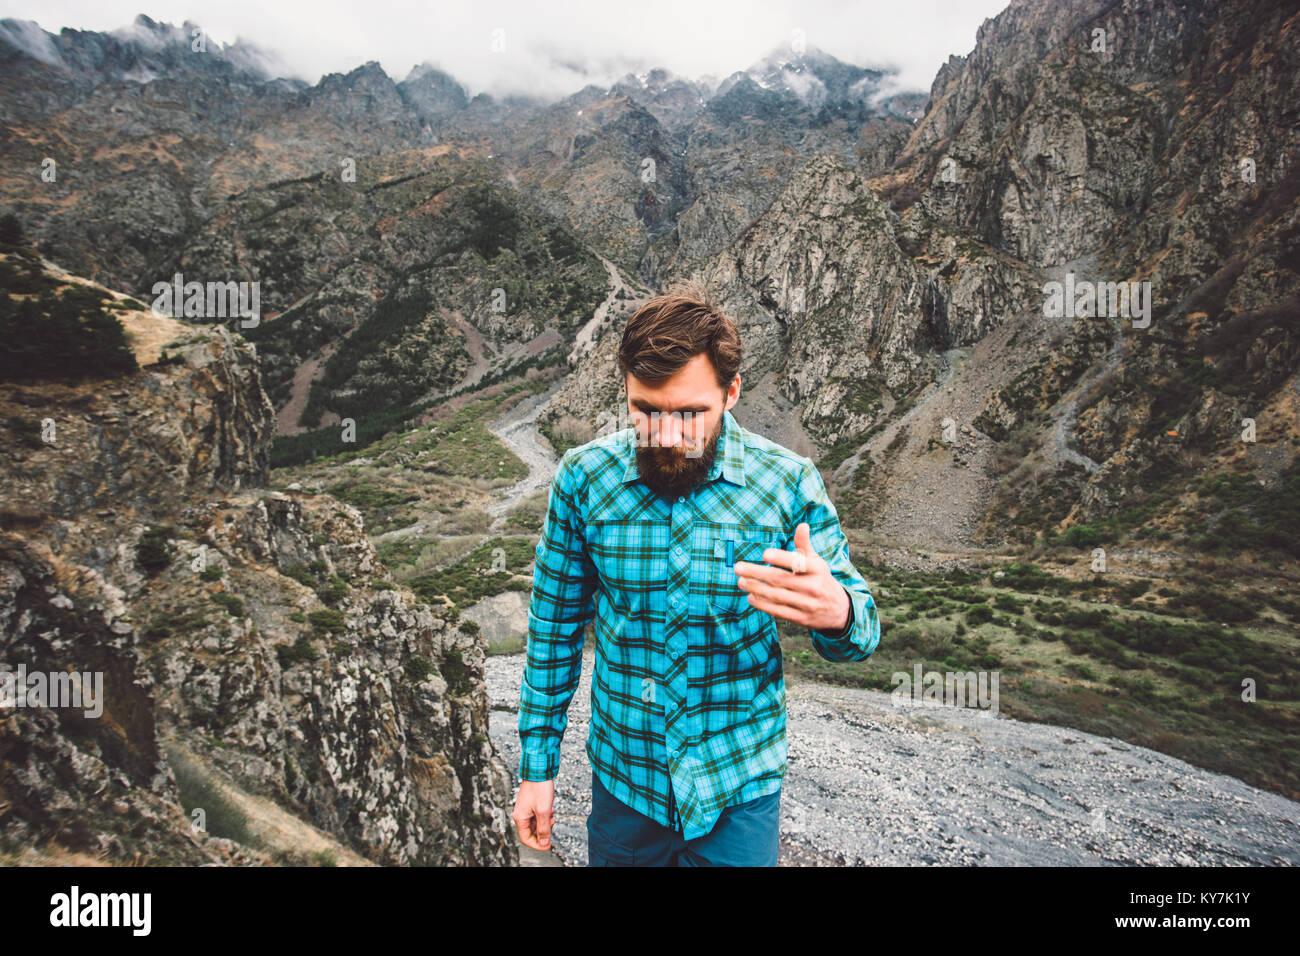 Uomo Barbuto passeggiate in montagna viaggi avventura il concetto di stile di vita attivo weekend vacanze estive Immagini Stock